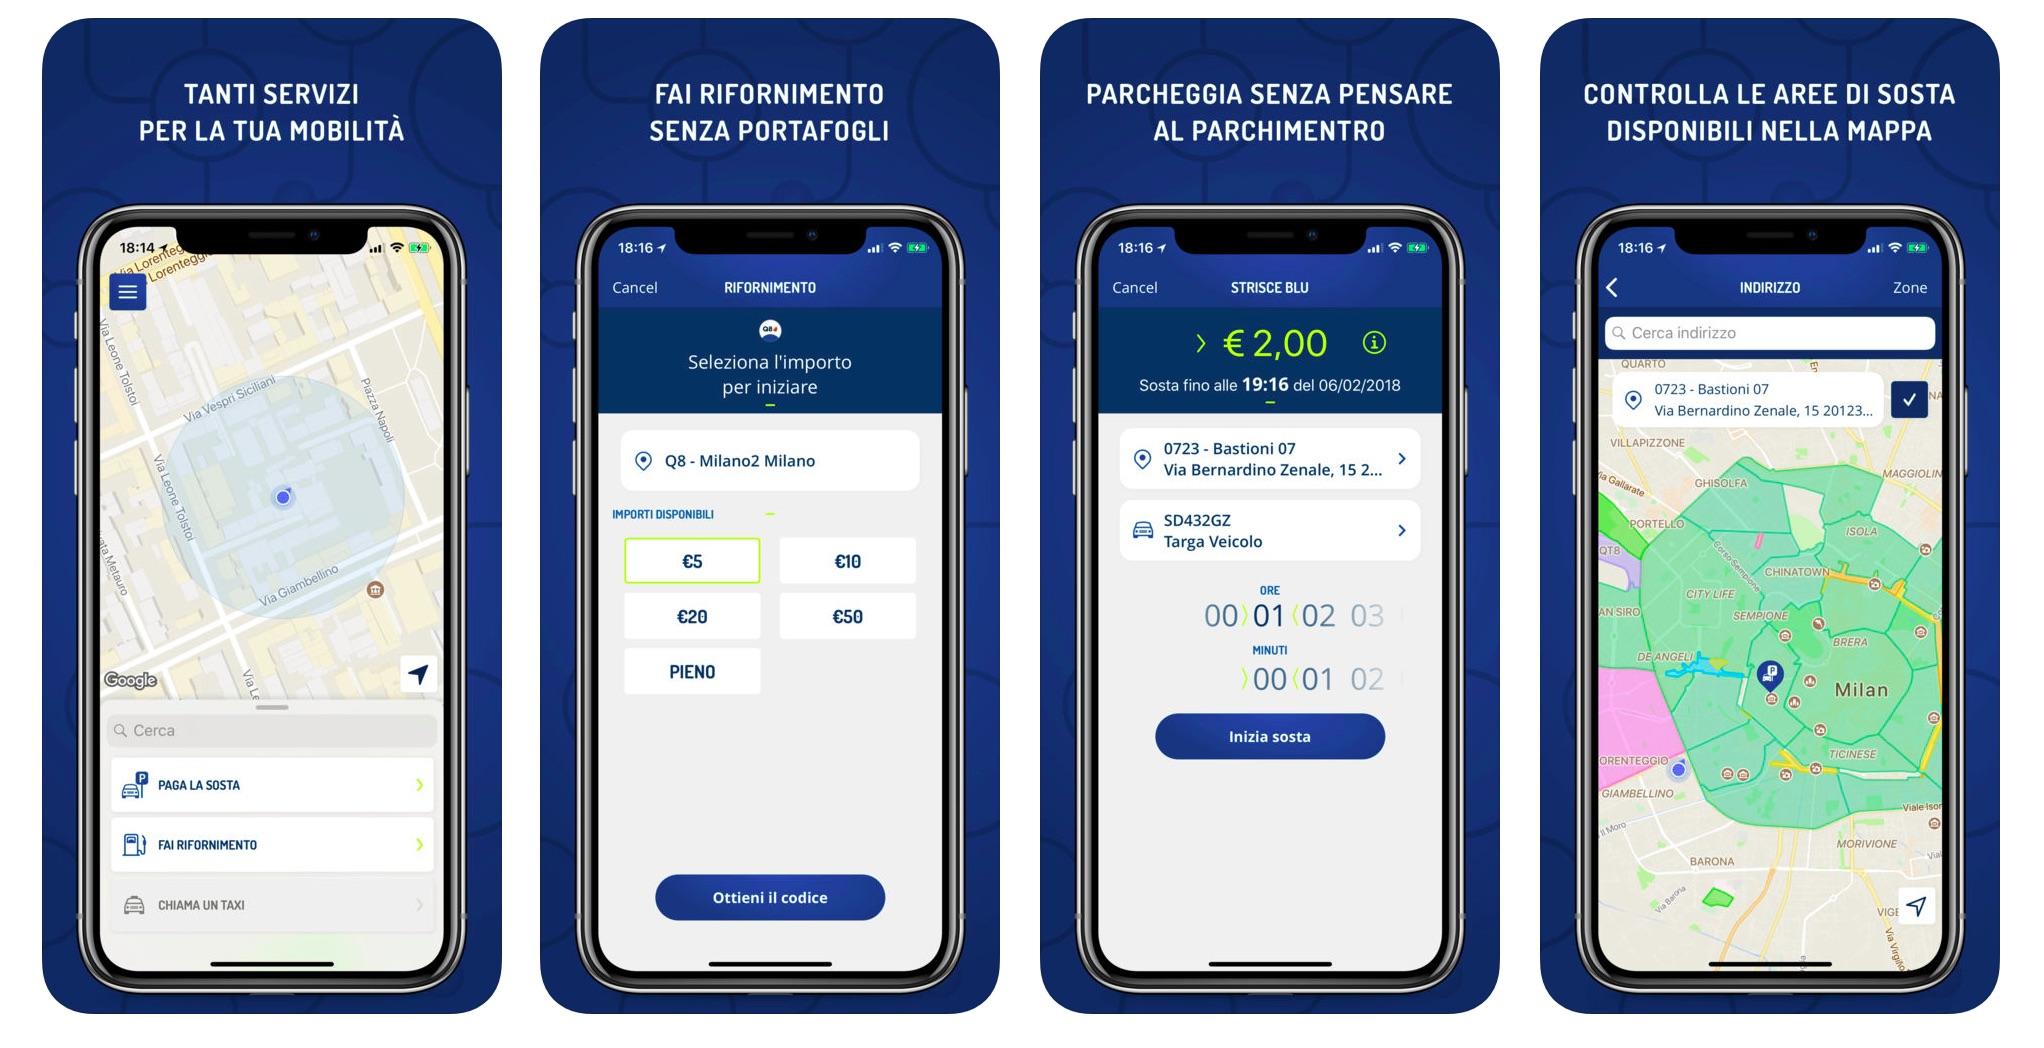 Shop.Pay.APP è il sito dei pagamenti online e mobile